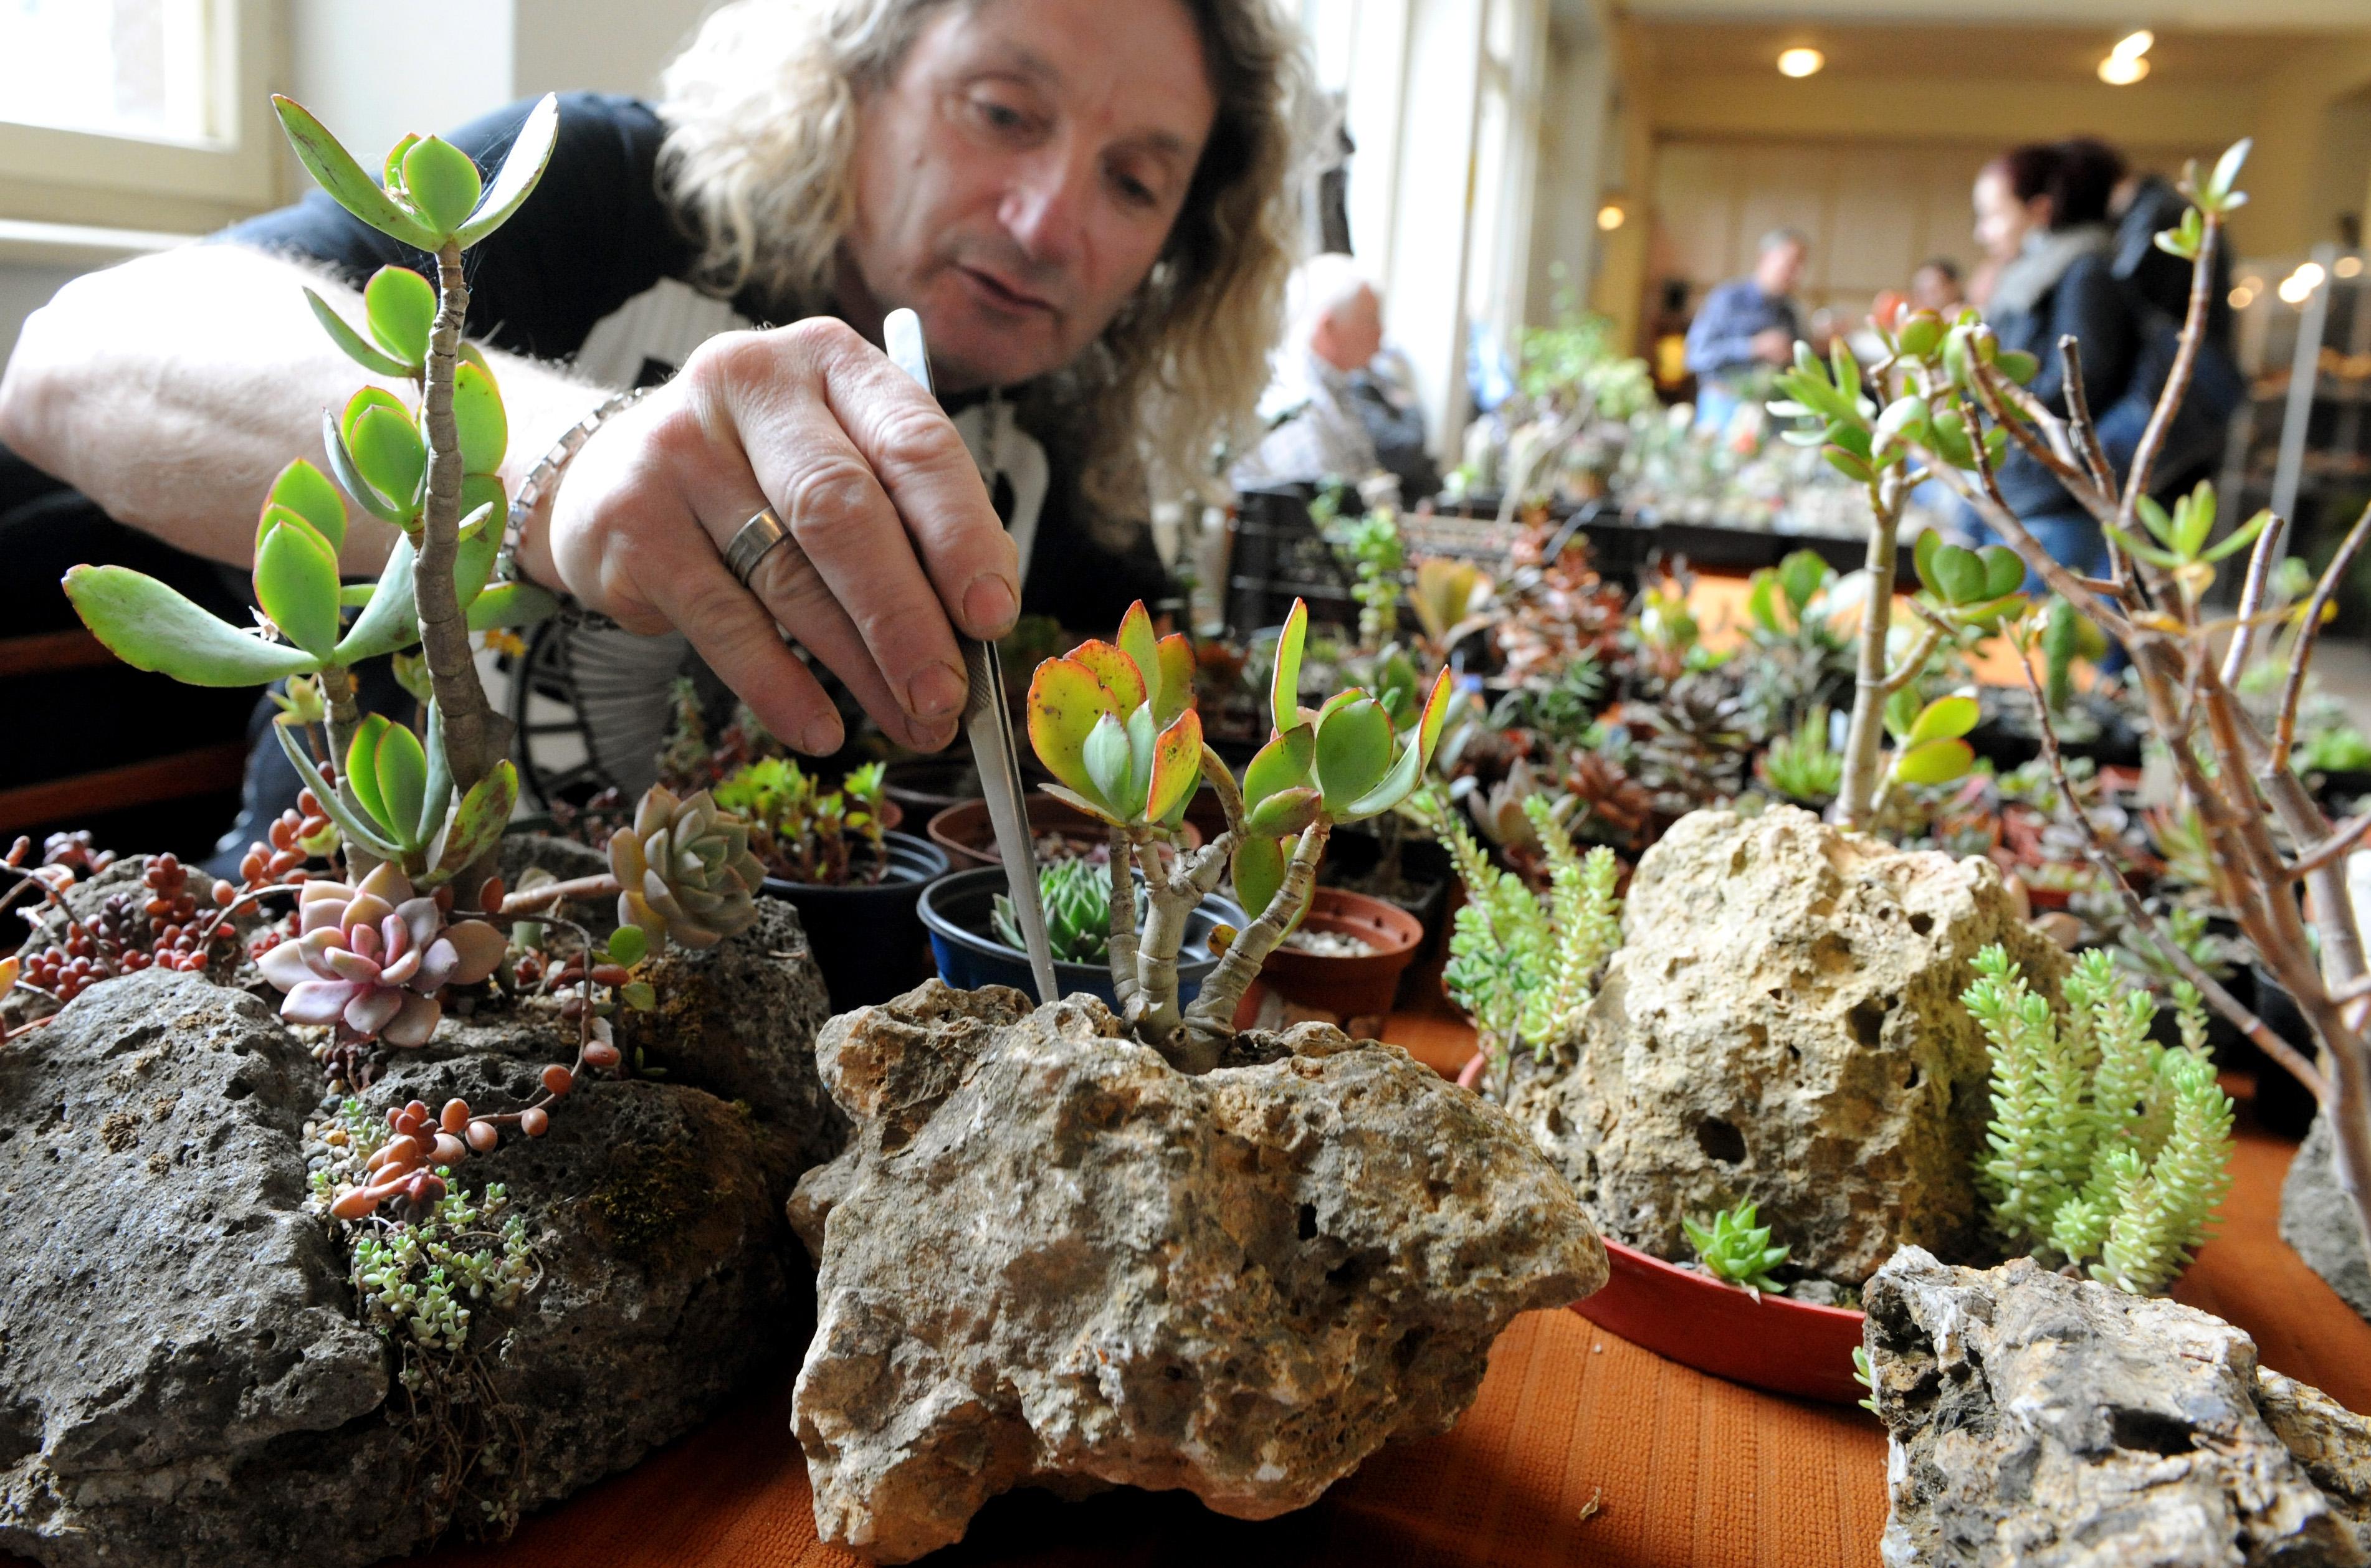 Botanická záhrada UPJŠ v Košiciach v spolupráci s Klubom kaktusárov otvorila 20. apríla 2012 výstavu Kaktusy a sukulenty. Výstava rastlín pochádzajúcich z púští Mexika, Južnej Ameriky a Afriky je spojená s predajom. FOTO TASR – František Iván